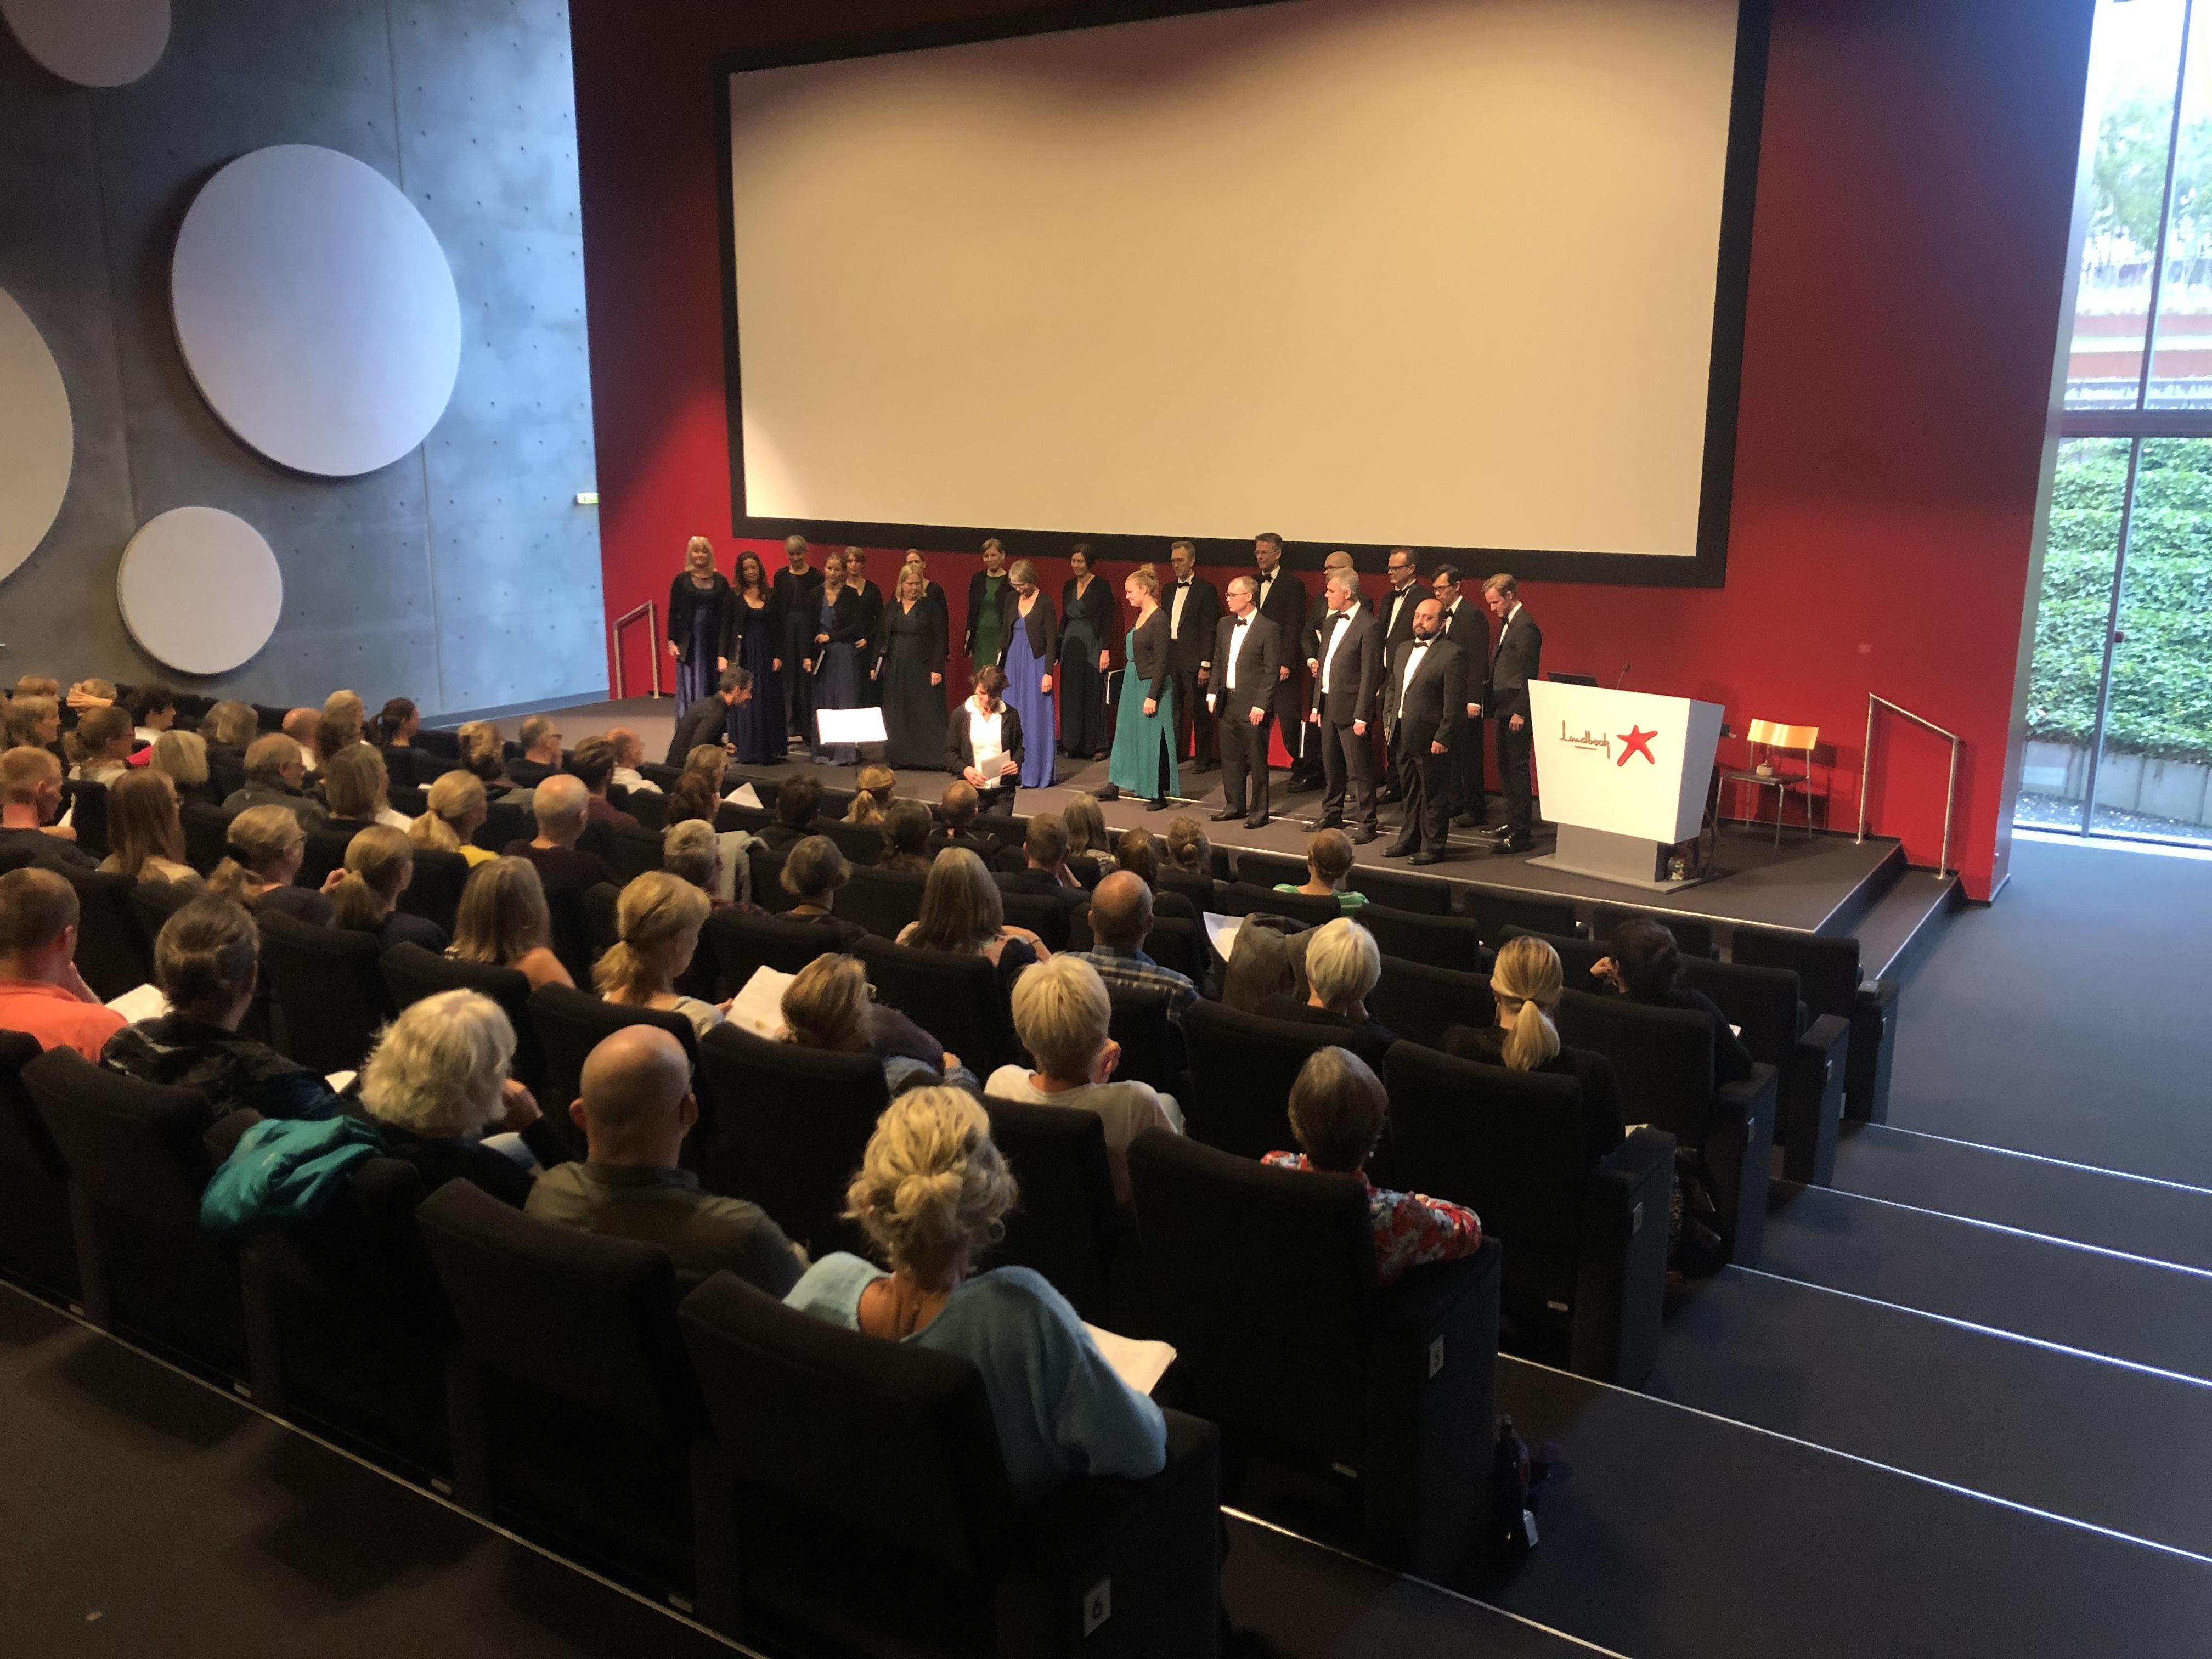 2019_Hjernekoncert_Lundbeck